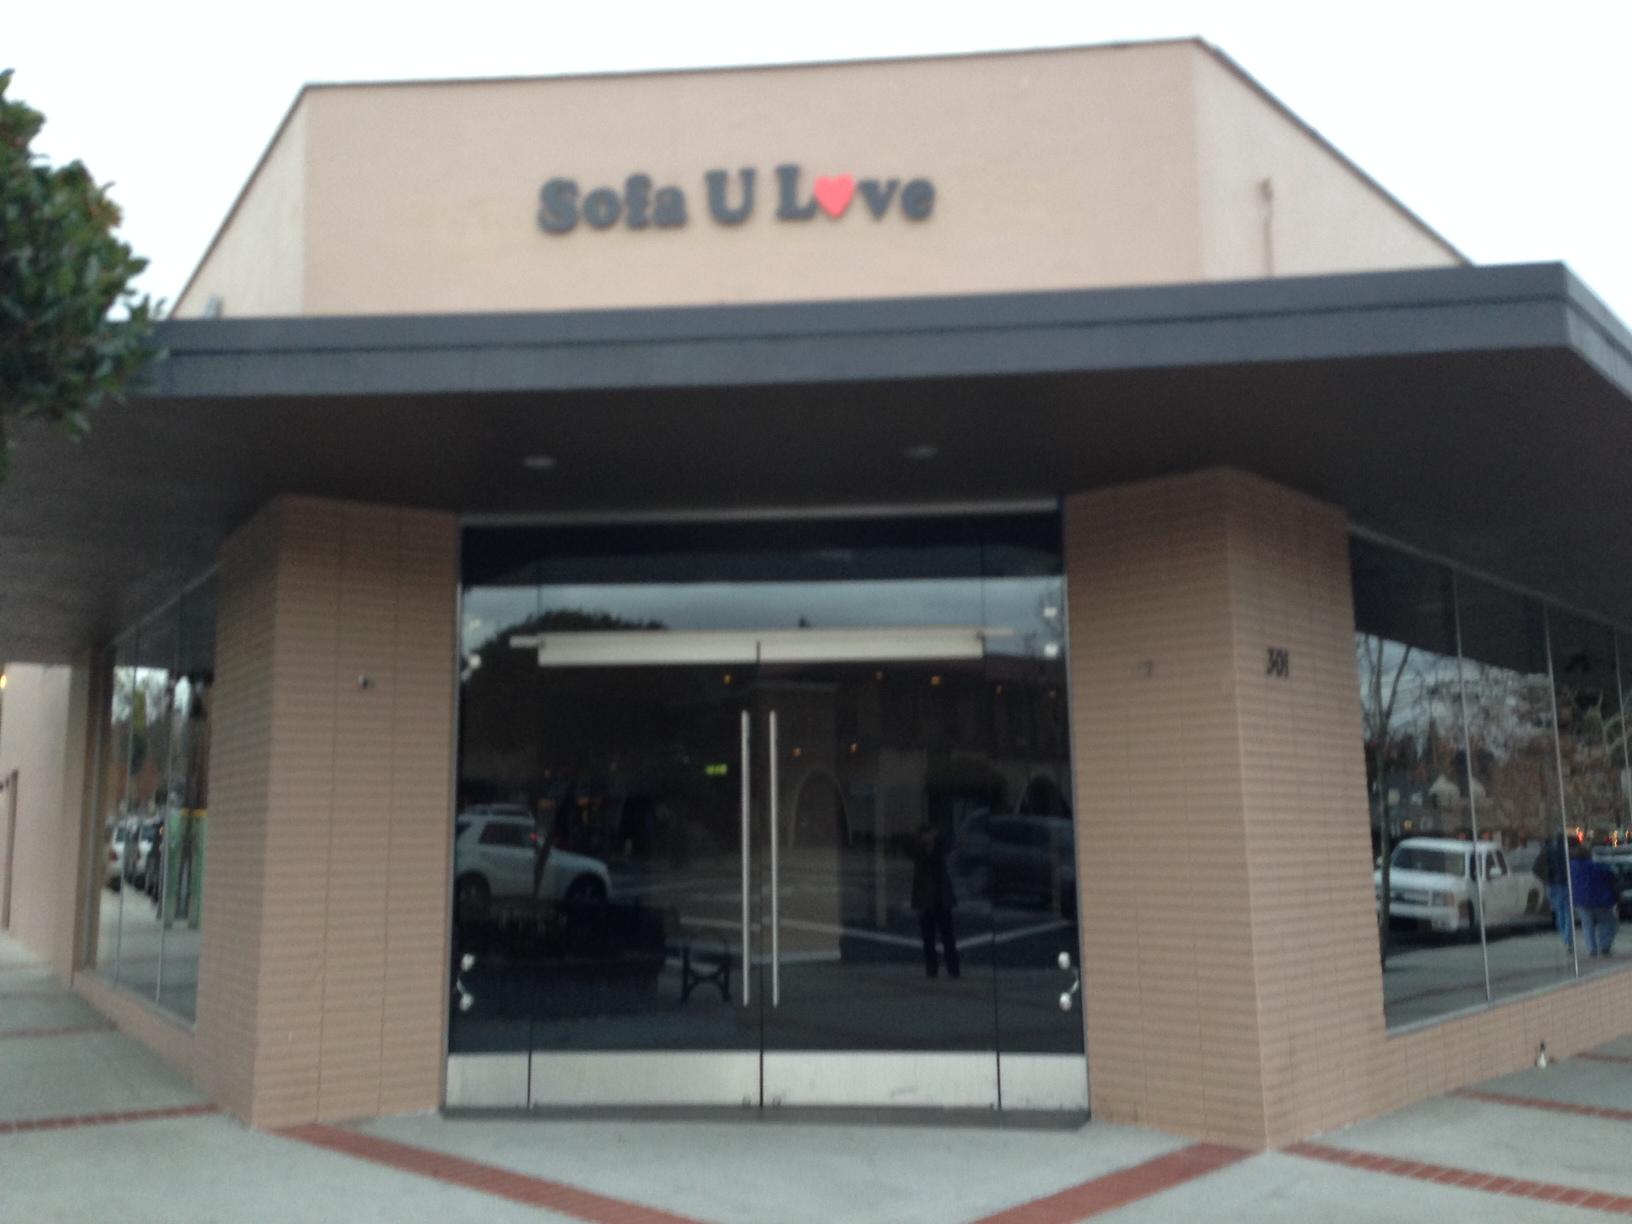 Sofa U Loveu0027 Opening In Los Gatos   Los Gatos, CA Patch